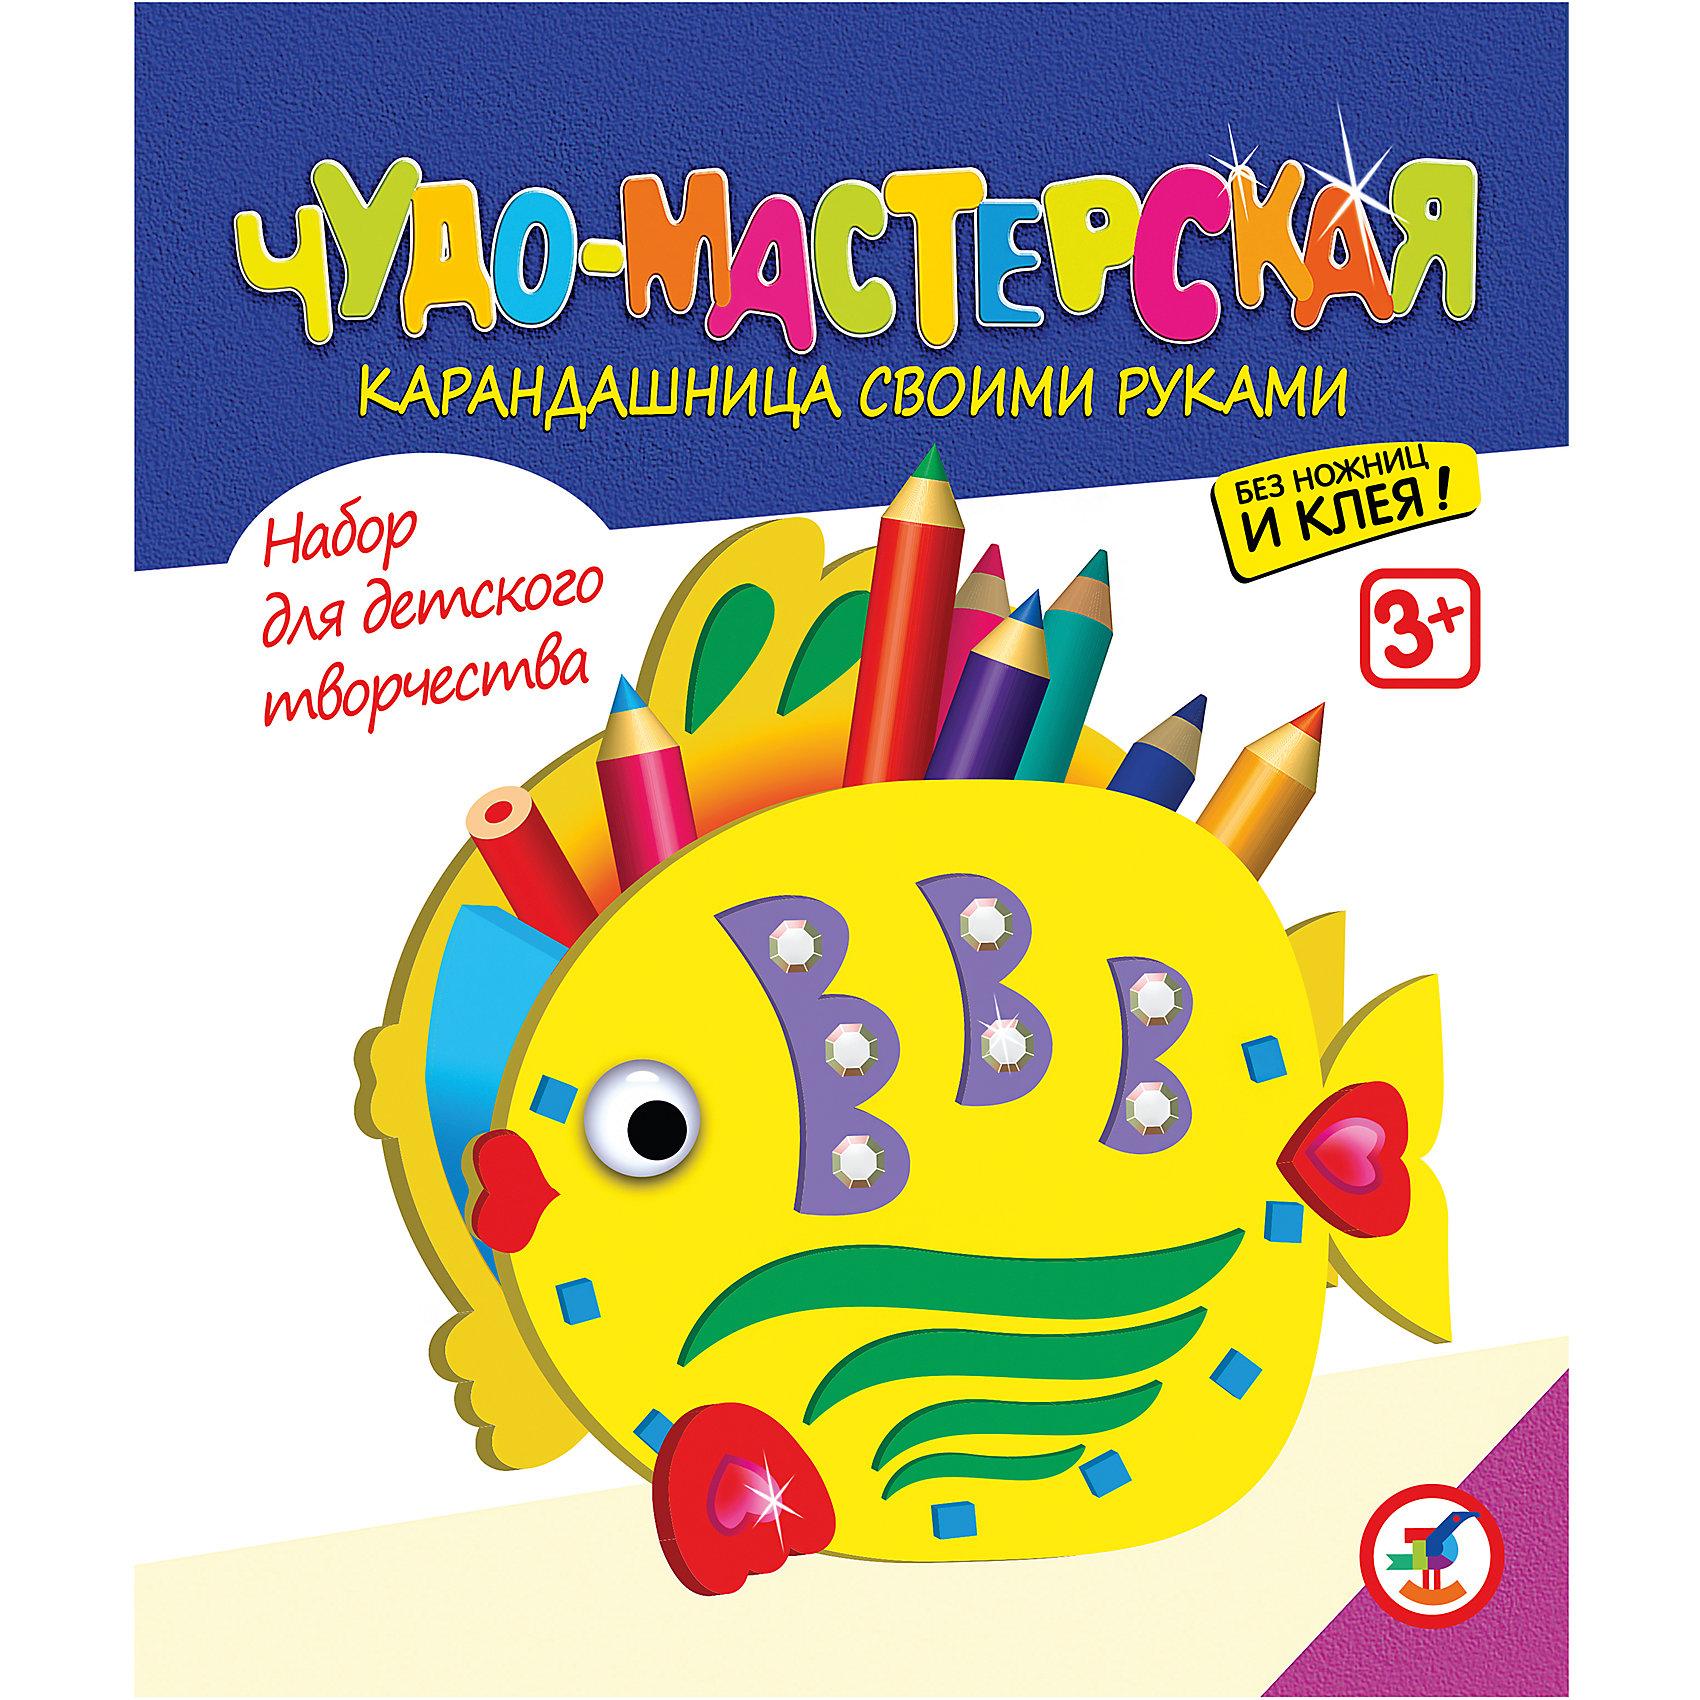 Дрофа-Медиа Карандашница своими руками Рыбка система умный дом своими руками купить в китае